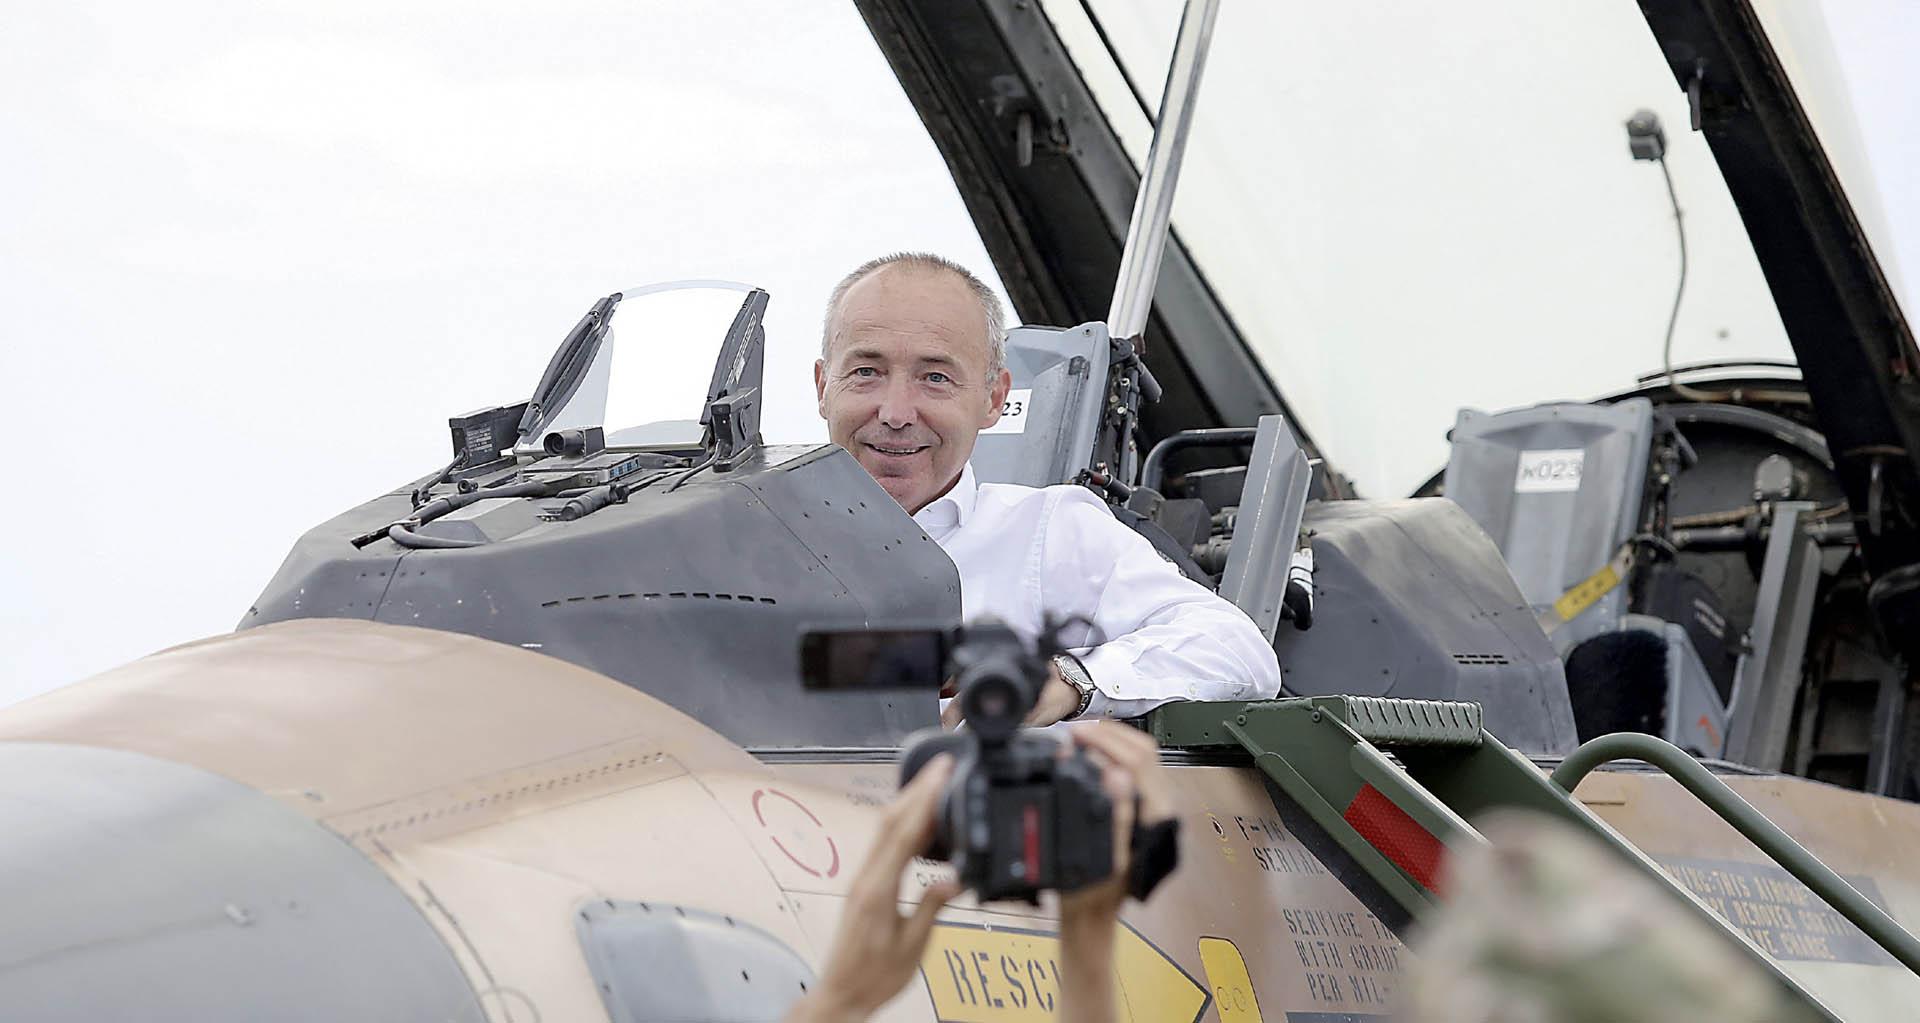 TAJNA NEOBIČNIH UZALUDNIH LOBIRANJA za nedopuštenu kupnju izraelskih aviona F-16